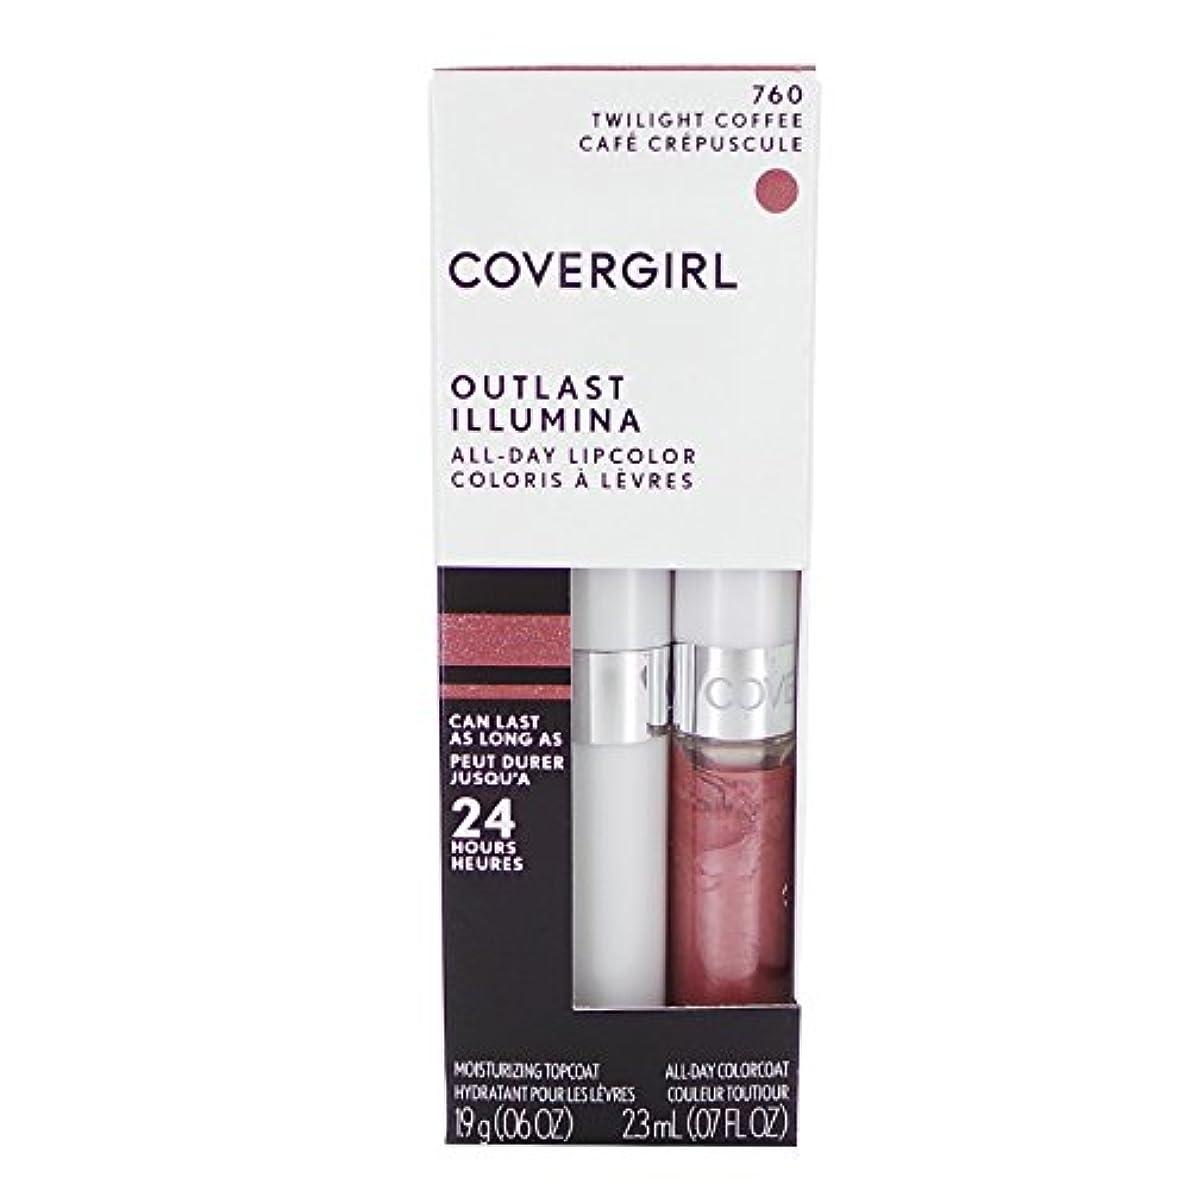 維持する比率数学者(3 Pack) COVERGIRL Outlast All-Day Lip Color - Twilight Coffee 760 (並行輸入品)